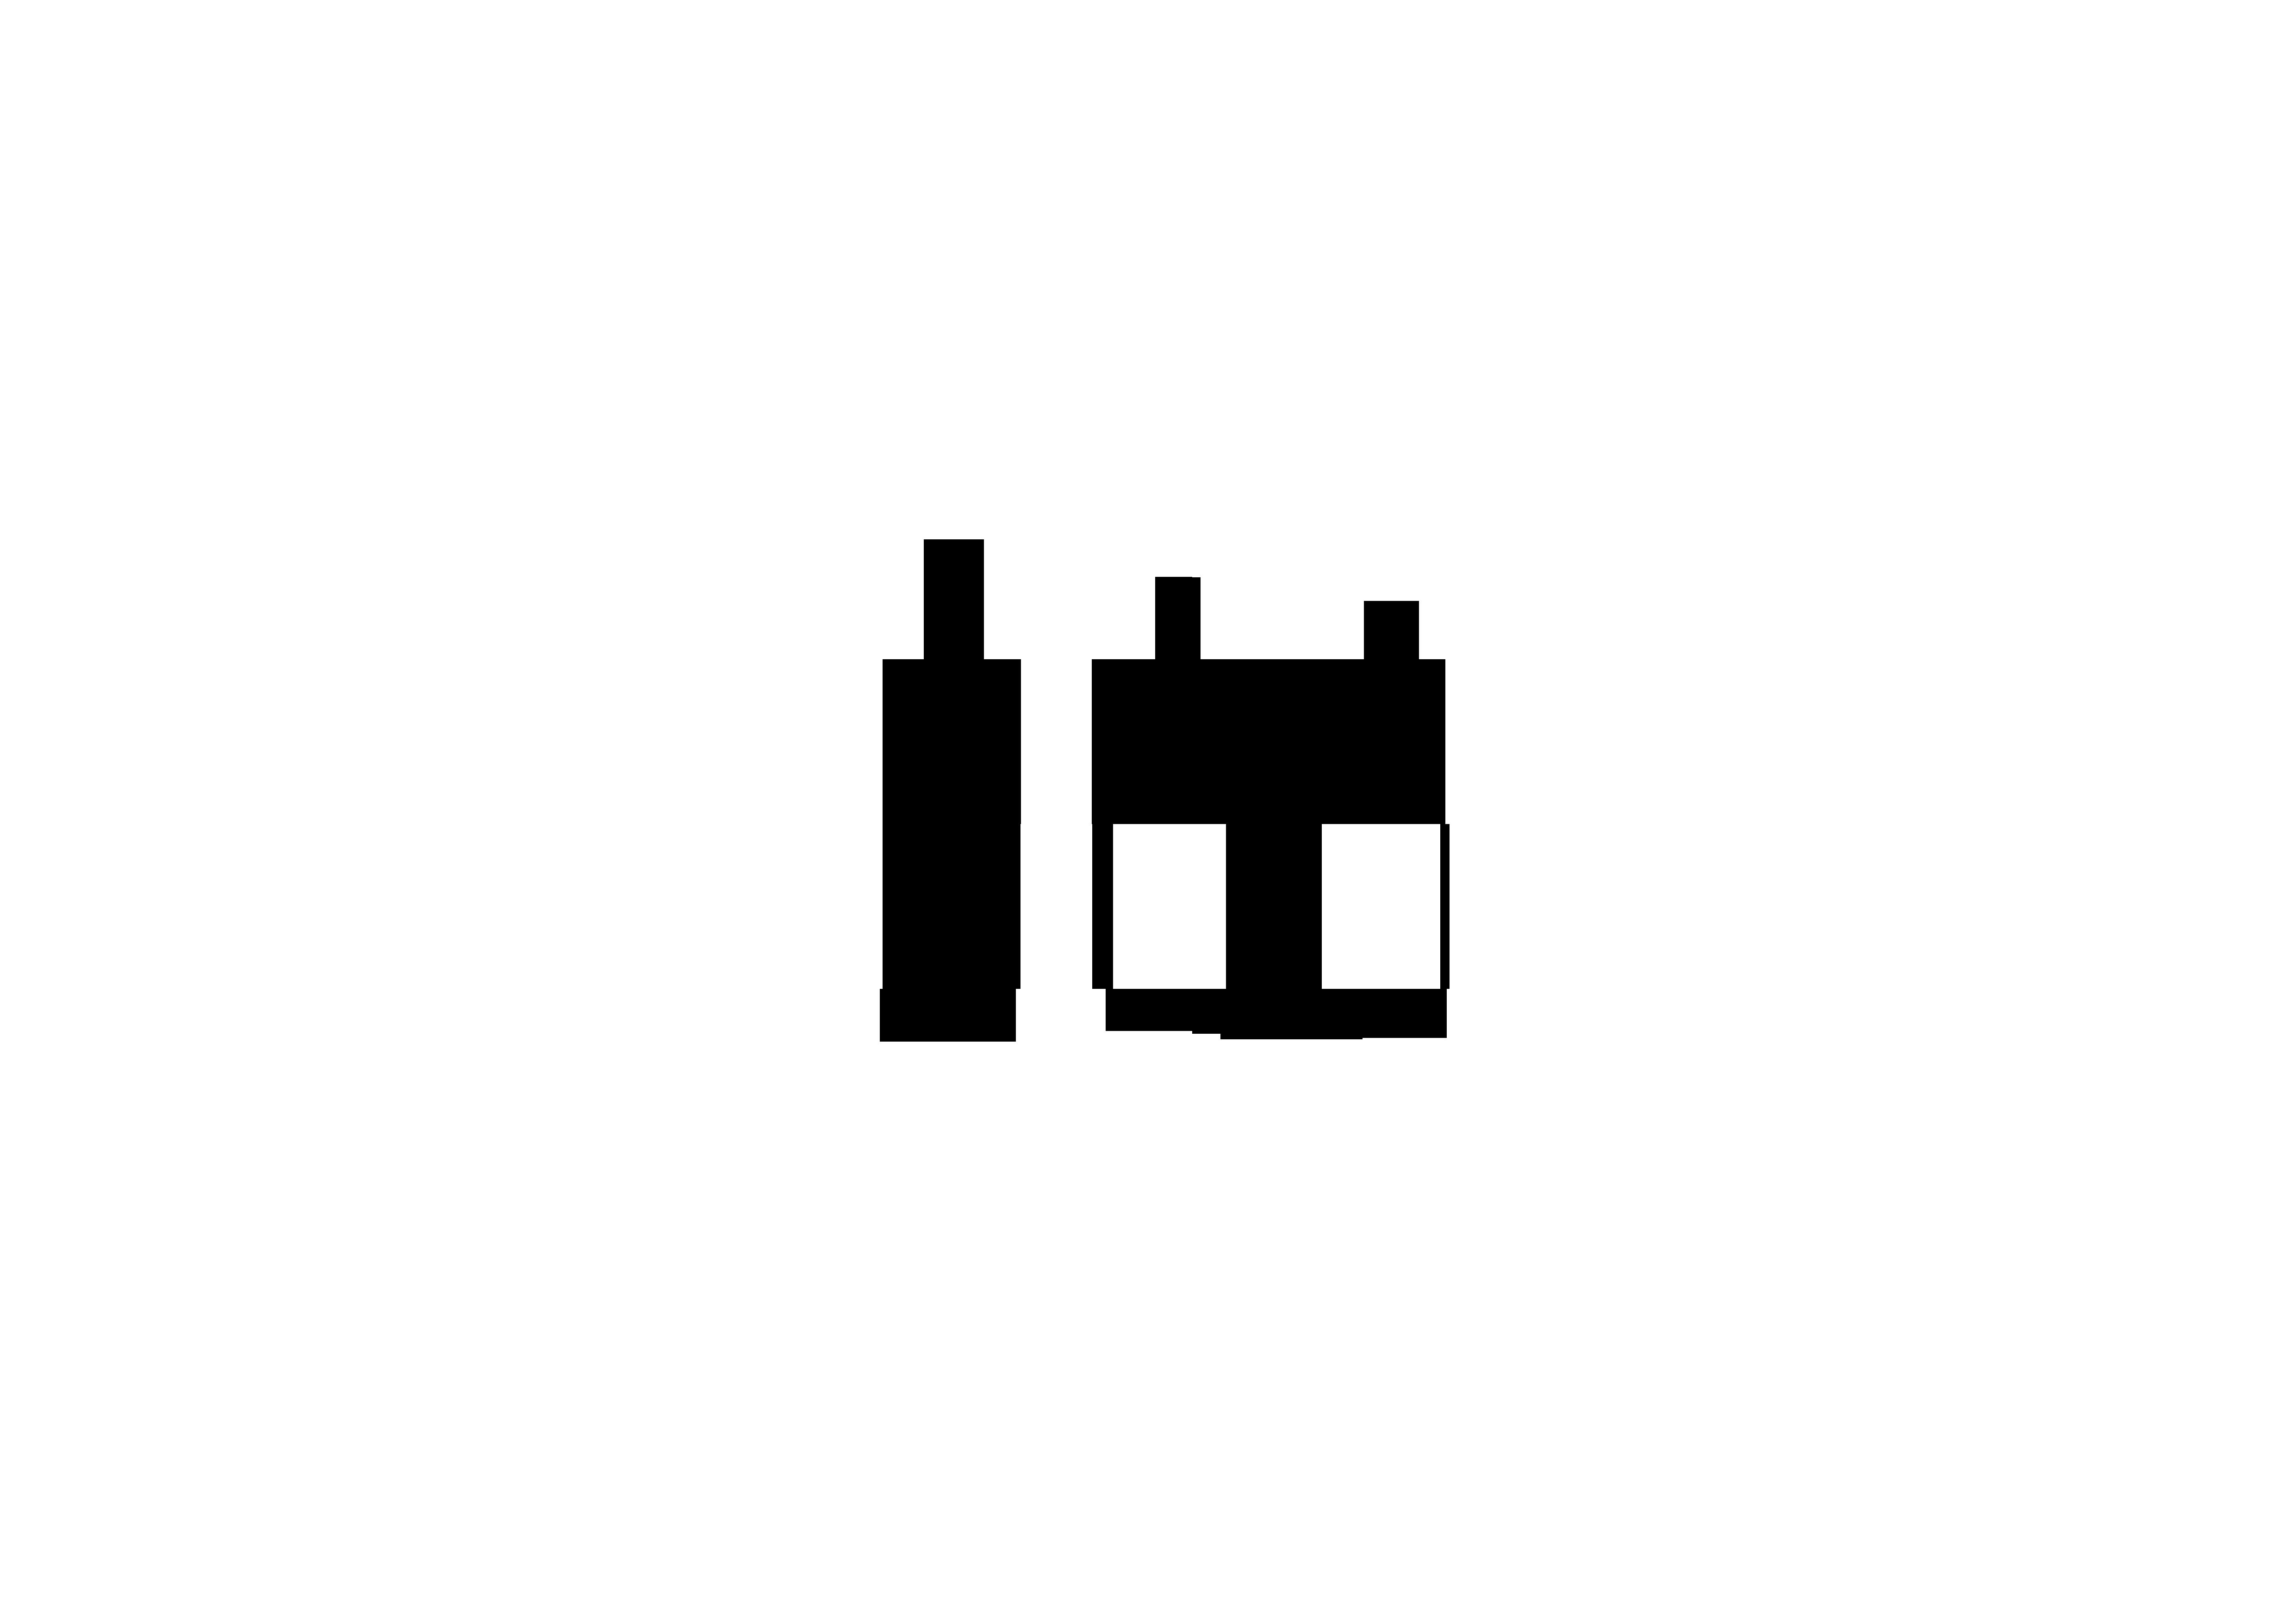 65% Rød Aroma 2019 - Apophenia.eu